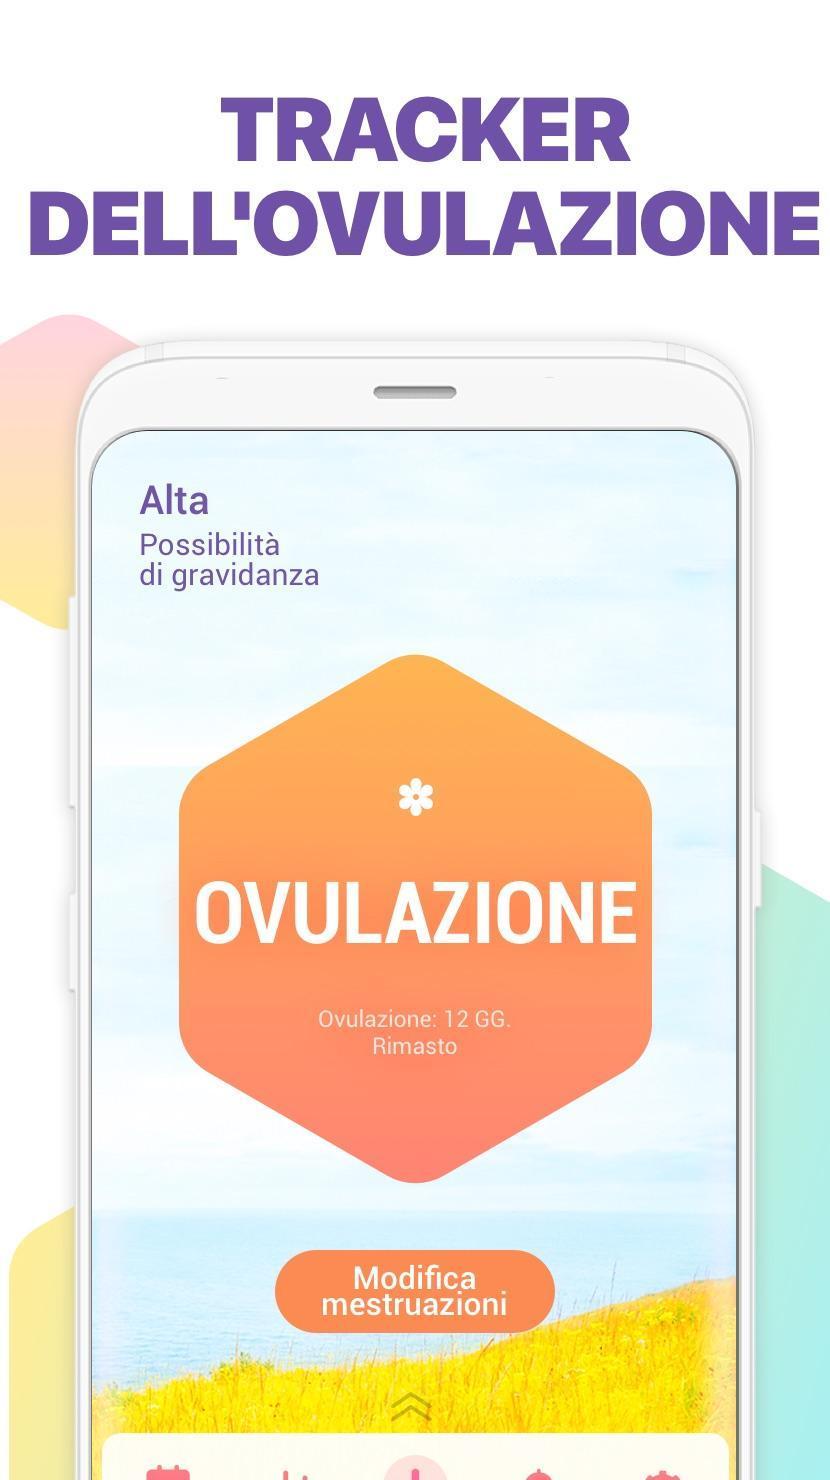 Calendario Dell Ovulazione.Calendario Mestruale Ovulazione E Gravidanza For Android